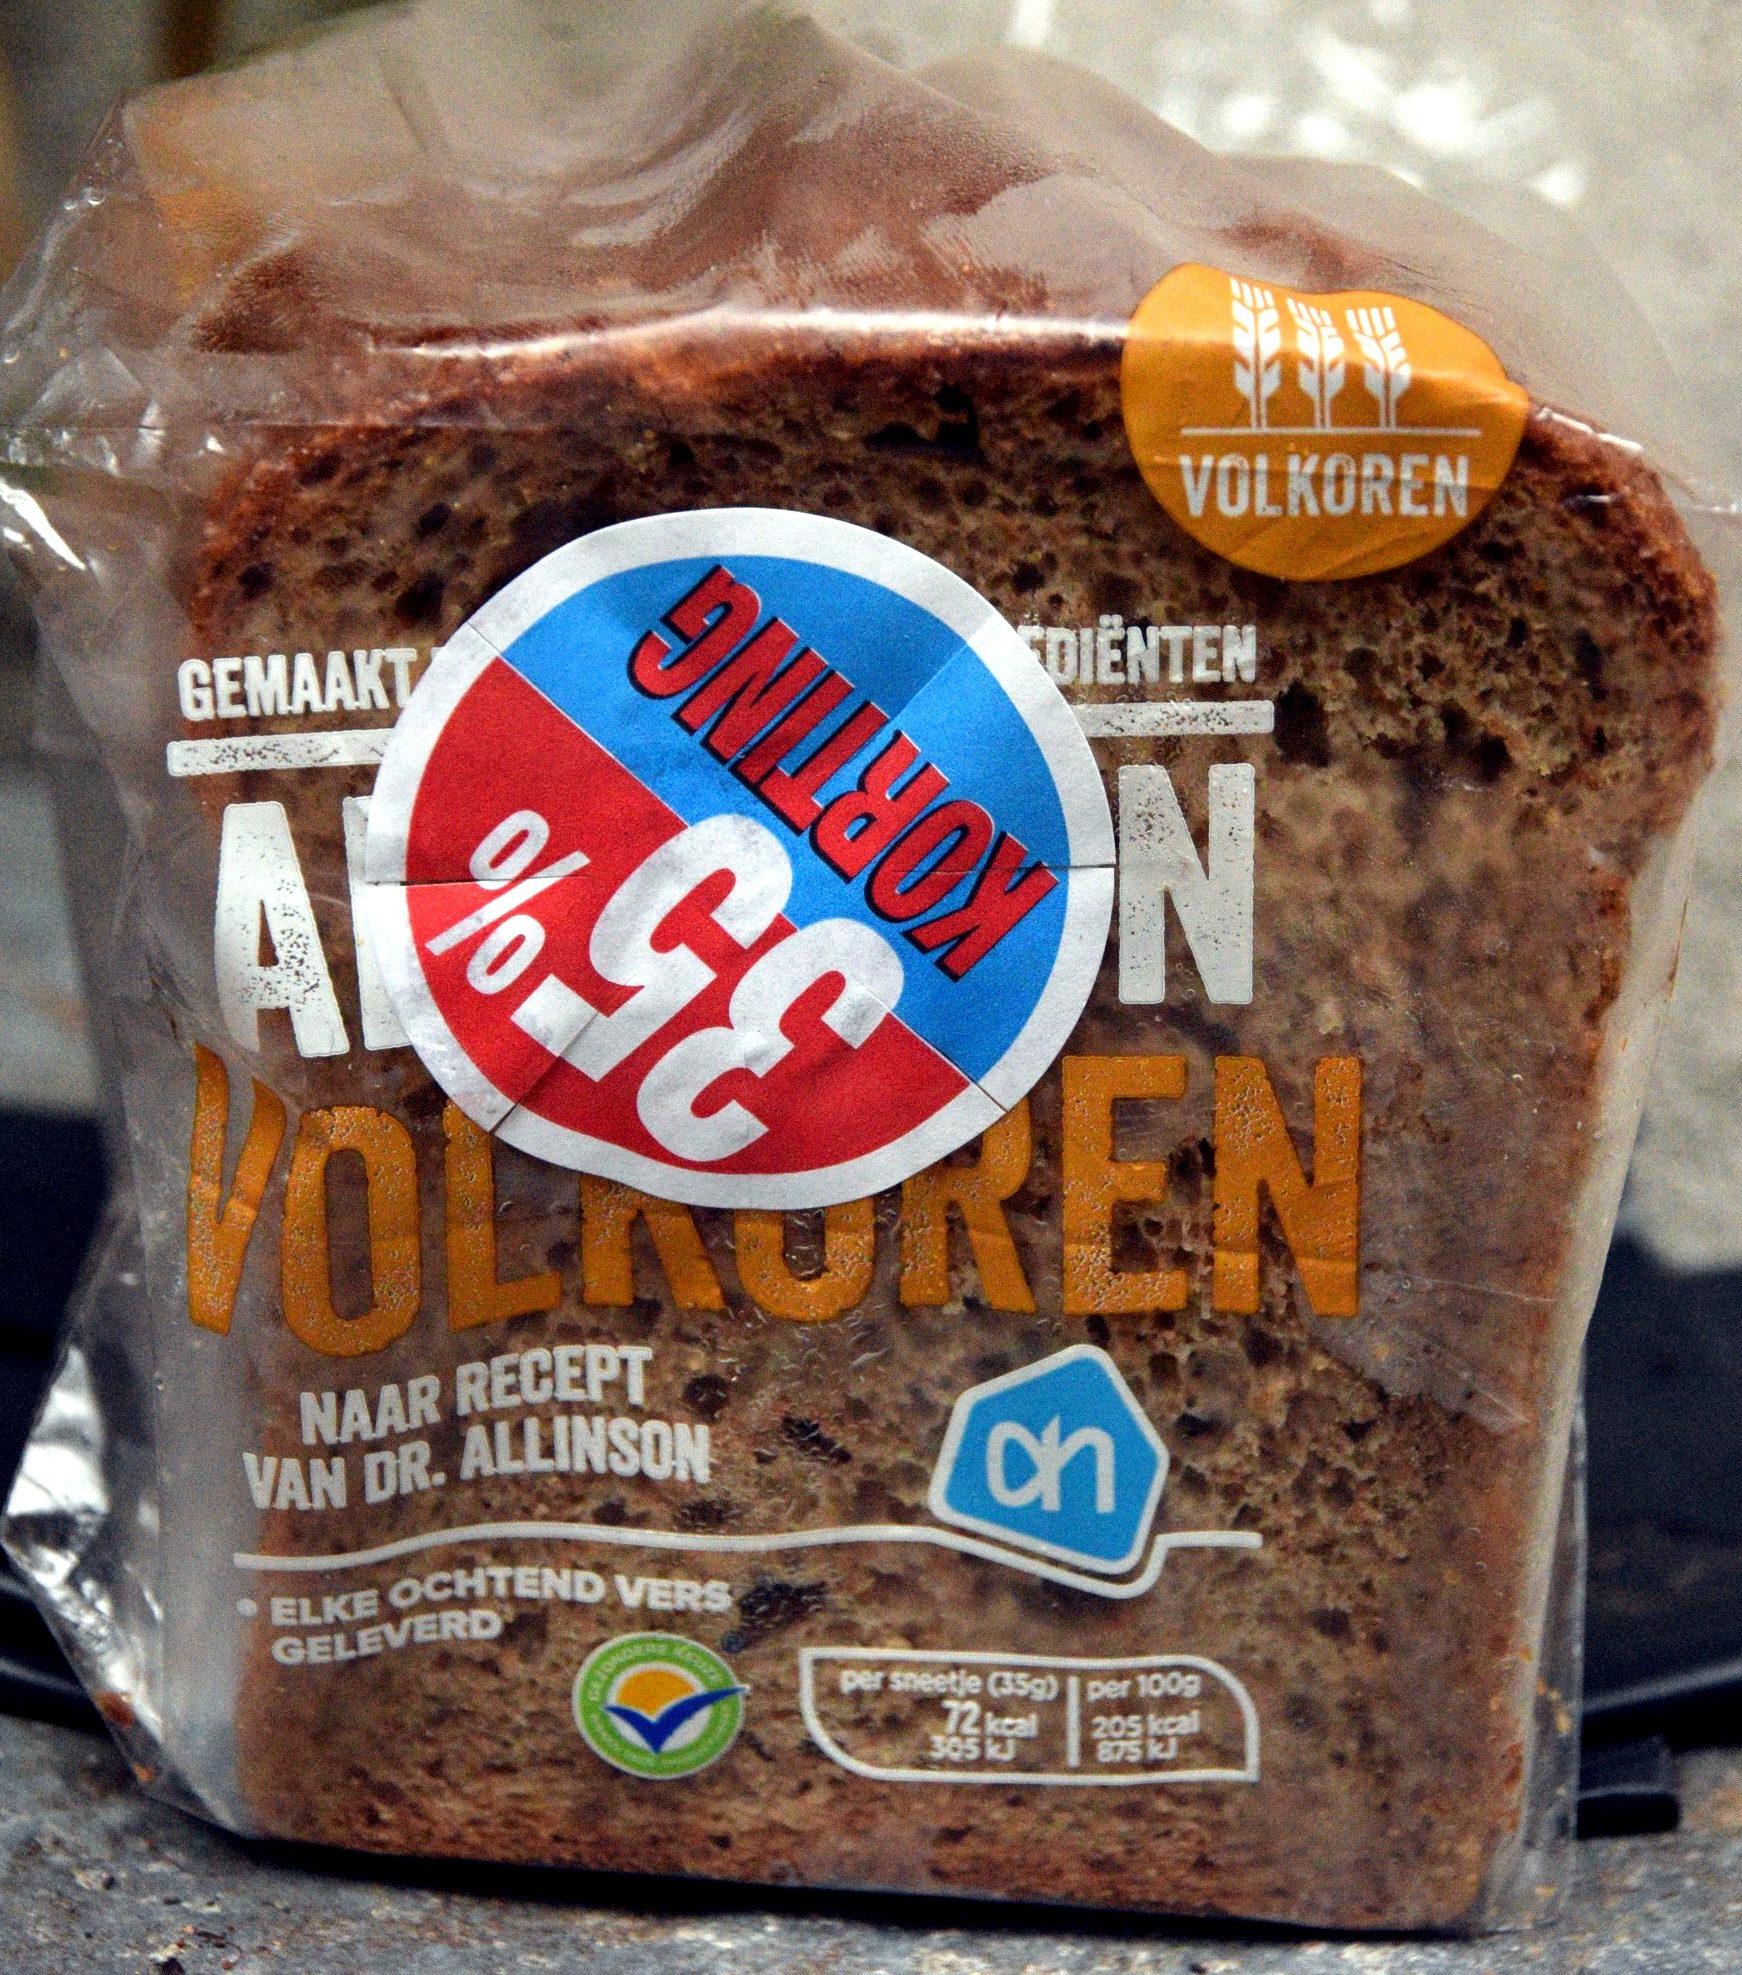 Allinson volkoren - Product